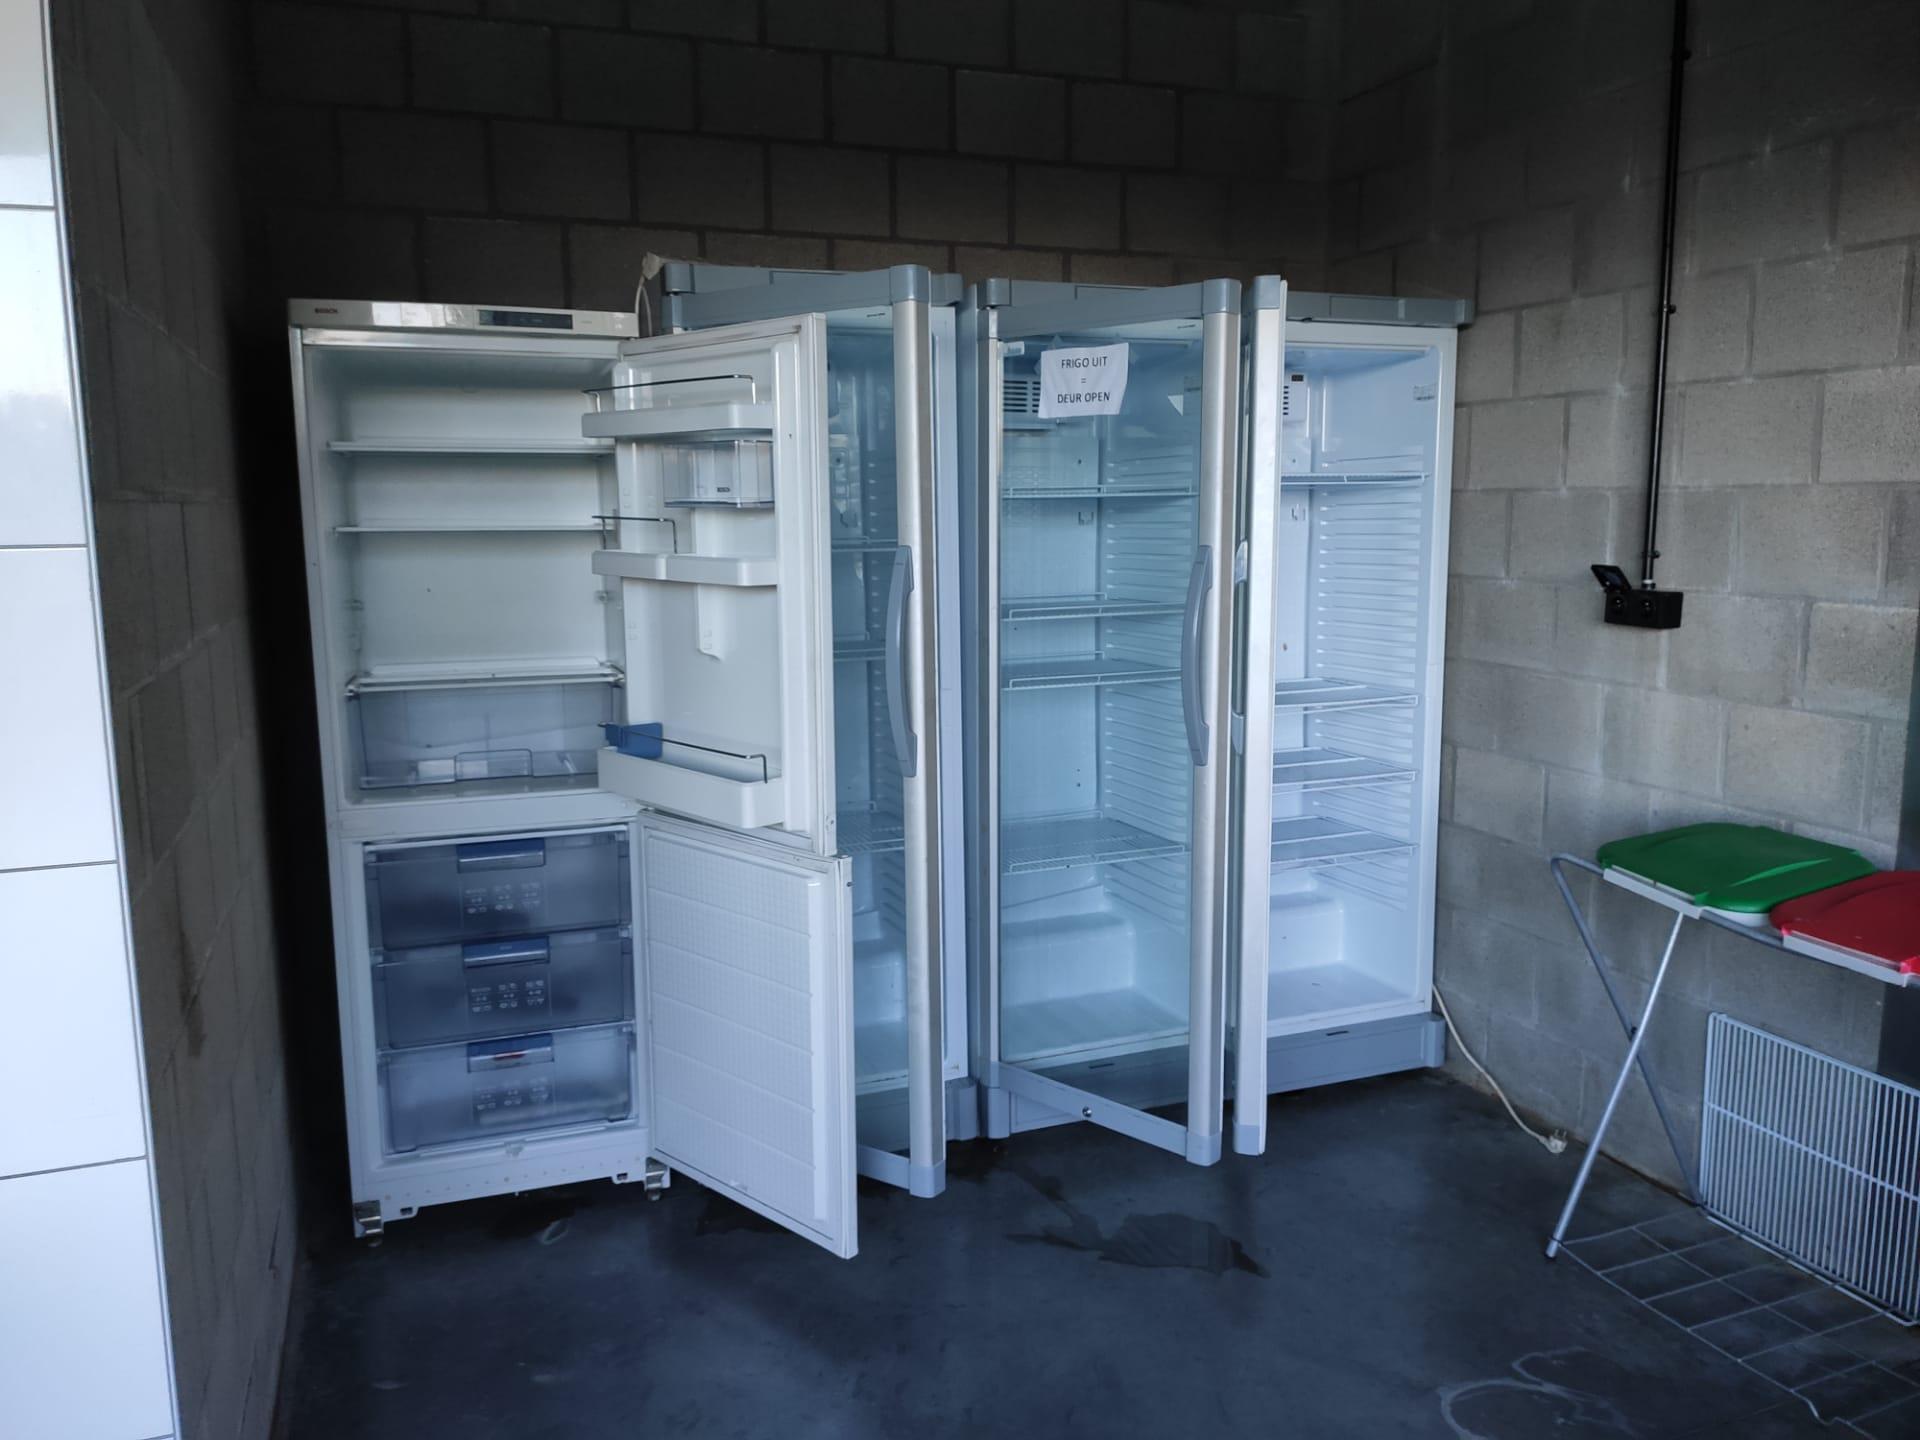 keuken (3doorzichtige frigos en 1 combo-frigo-vriezer)